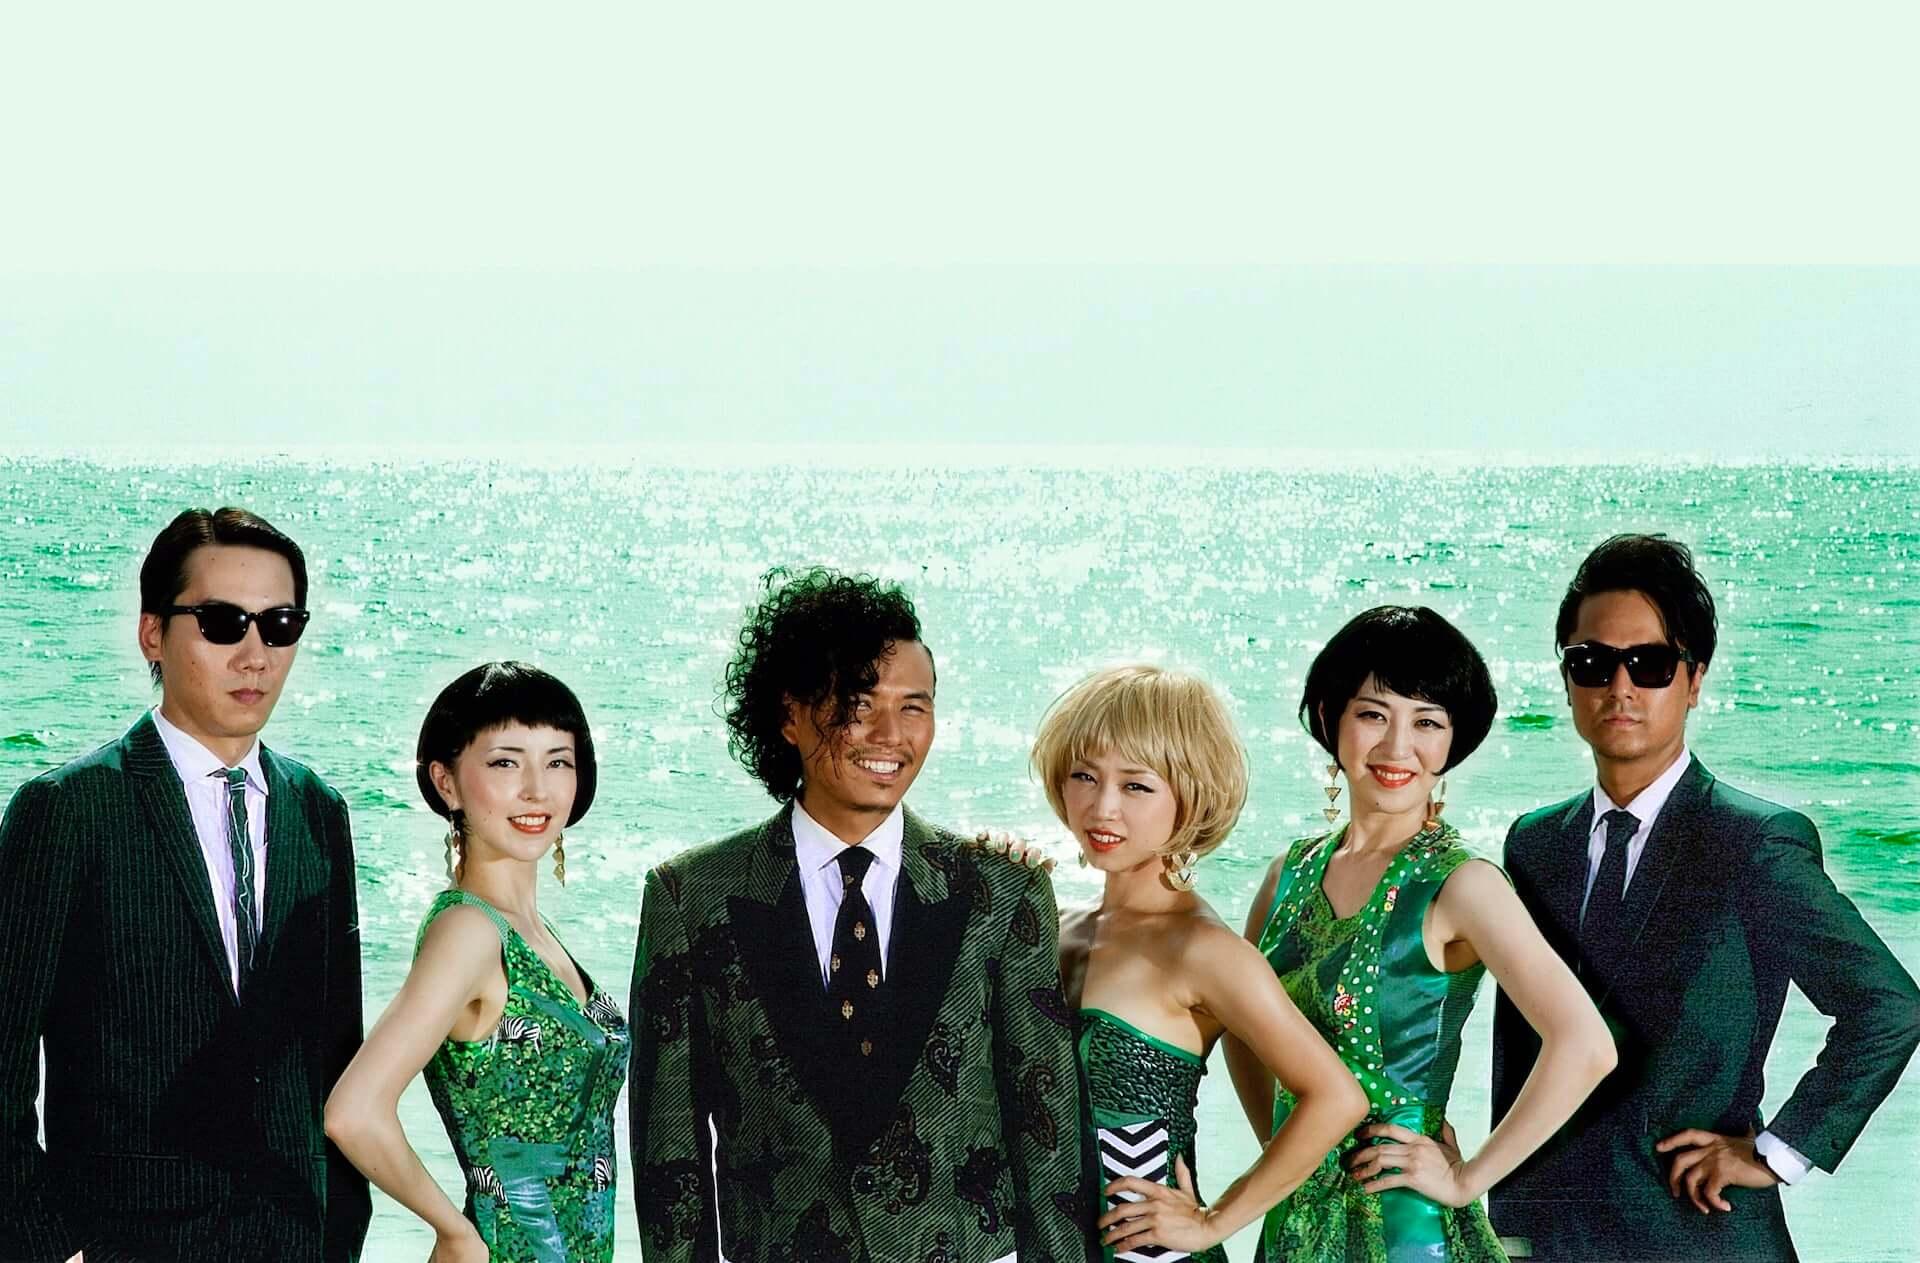 """一十三十一、Kashifら擁する6人組バンド・JINTANA&EMERALDSが最新シングル""""Oh! Southern Wind""""をリリース! music210127_jintanaandemeralds_1-1920x1263"""